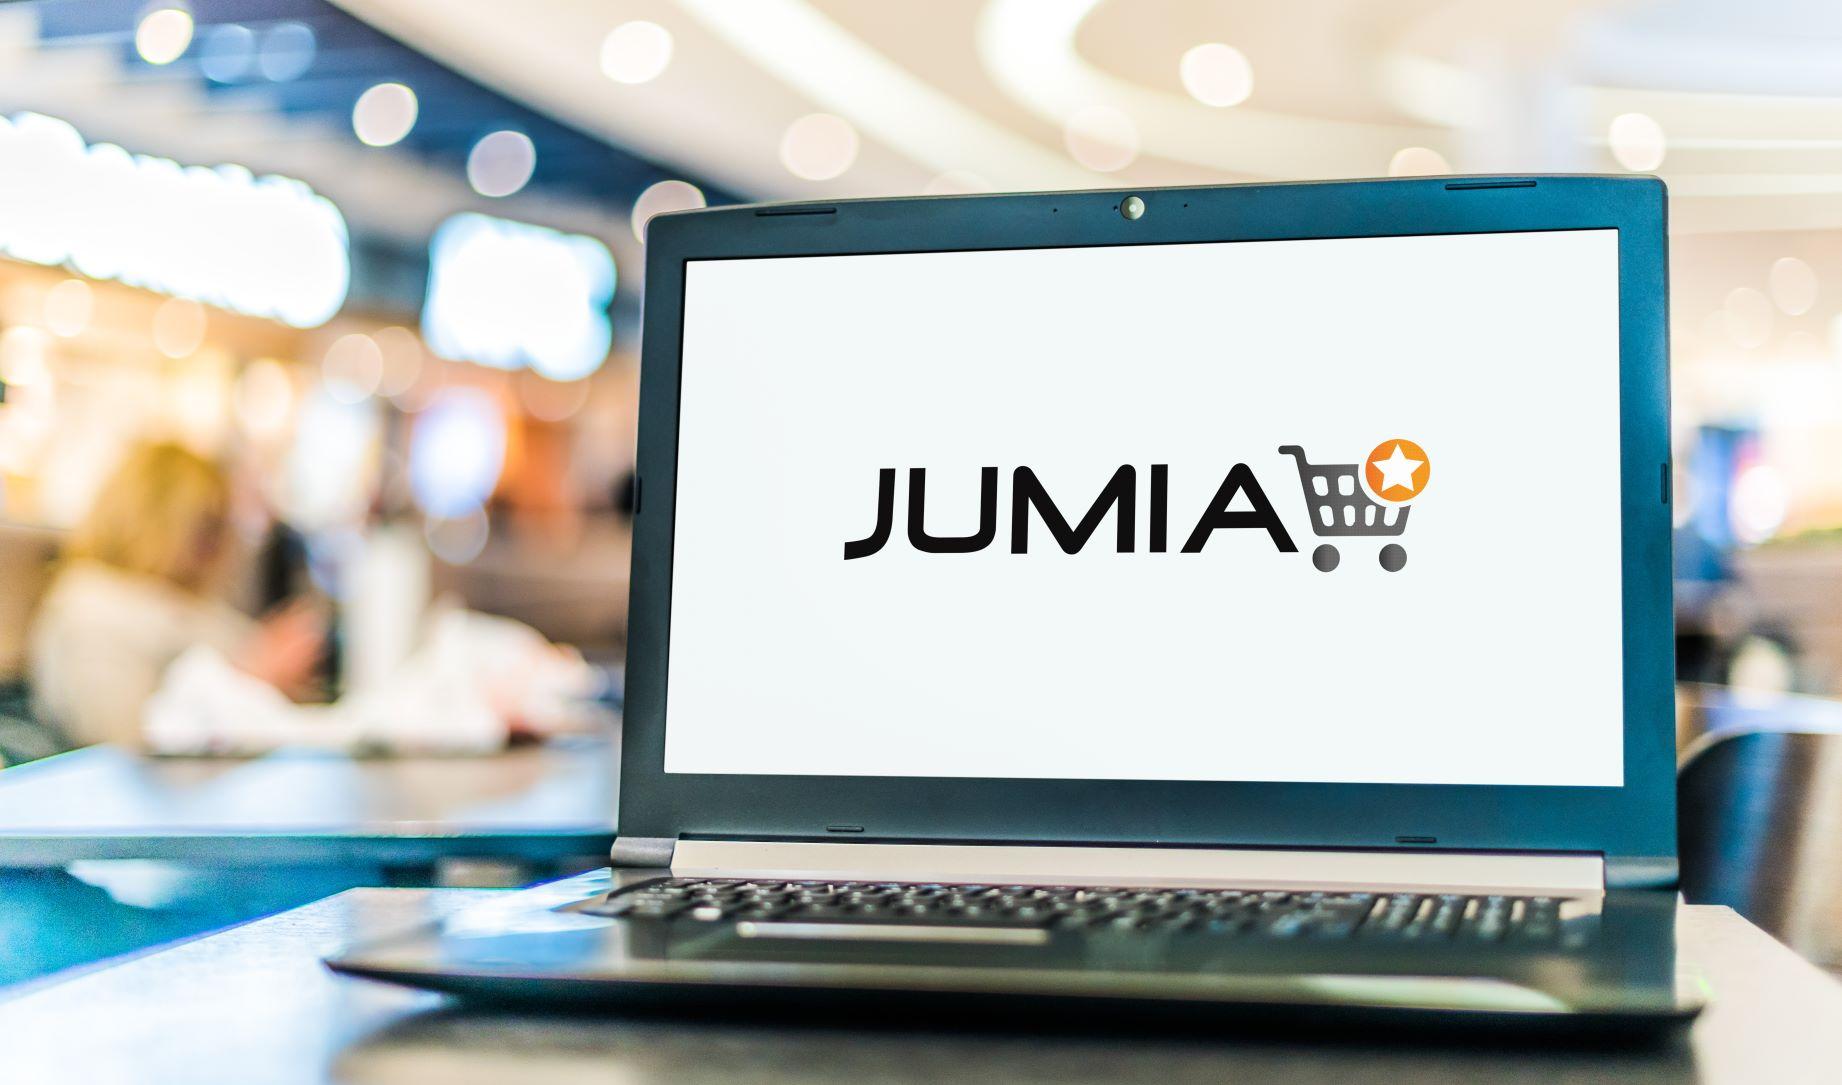 Jumia: Africa's Amazon will surge on US$400mn issue